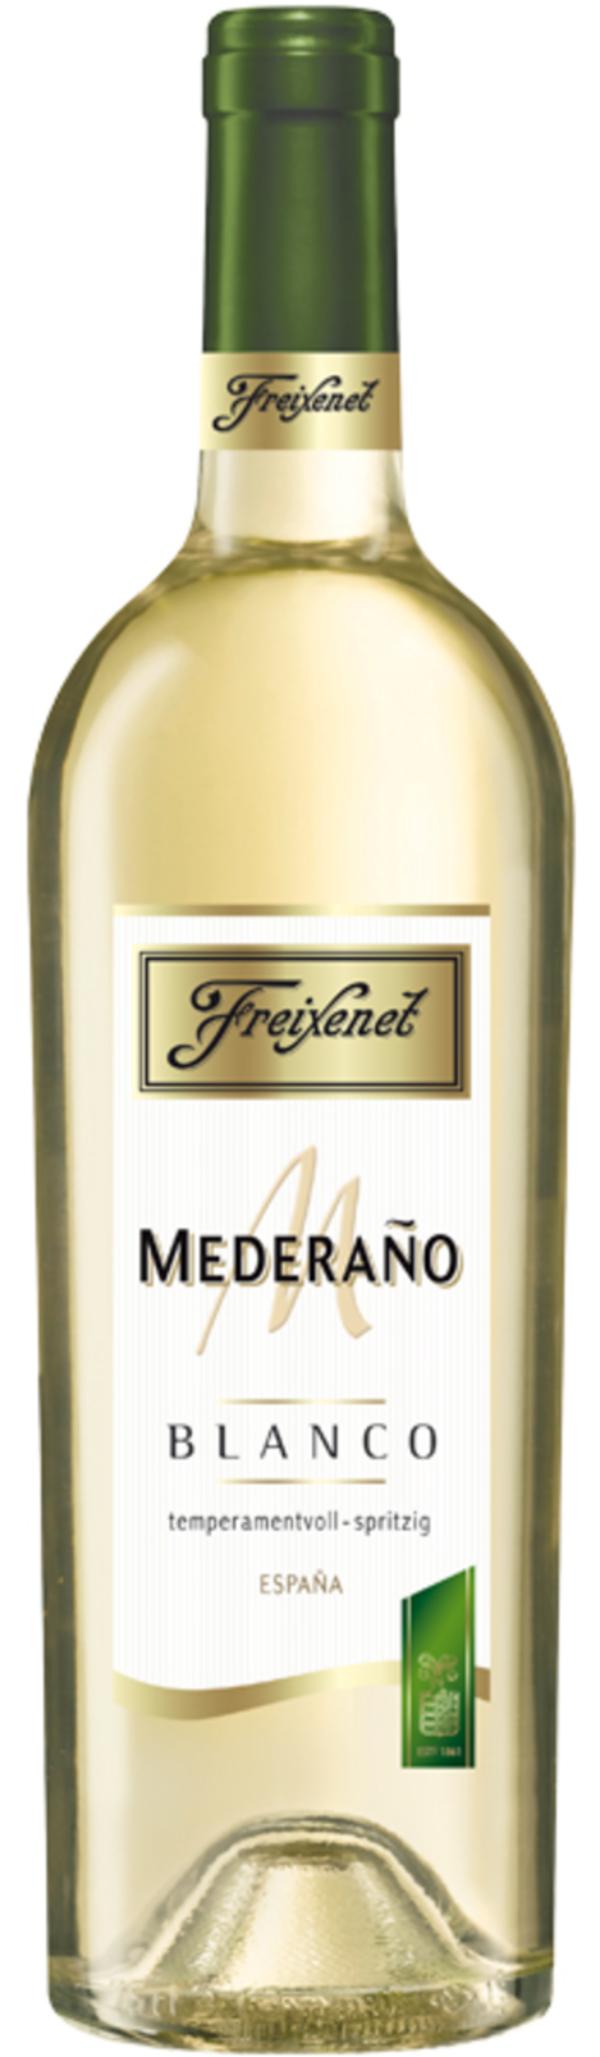 Freixenet Mederano Blanco Weißwein halbtrocken 2017 0,75 ltr